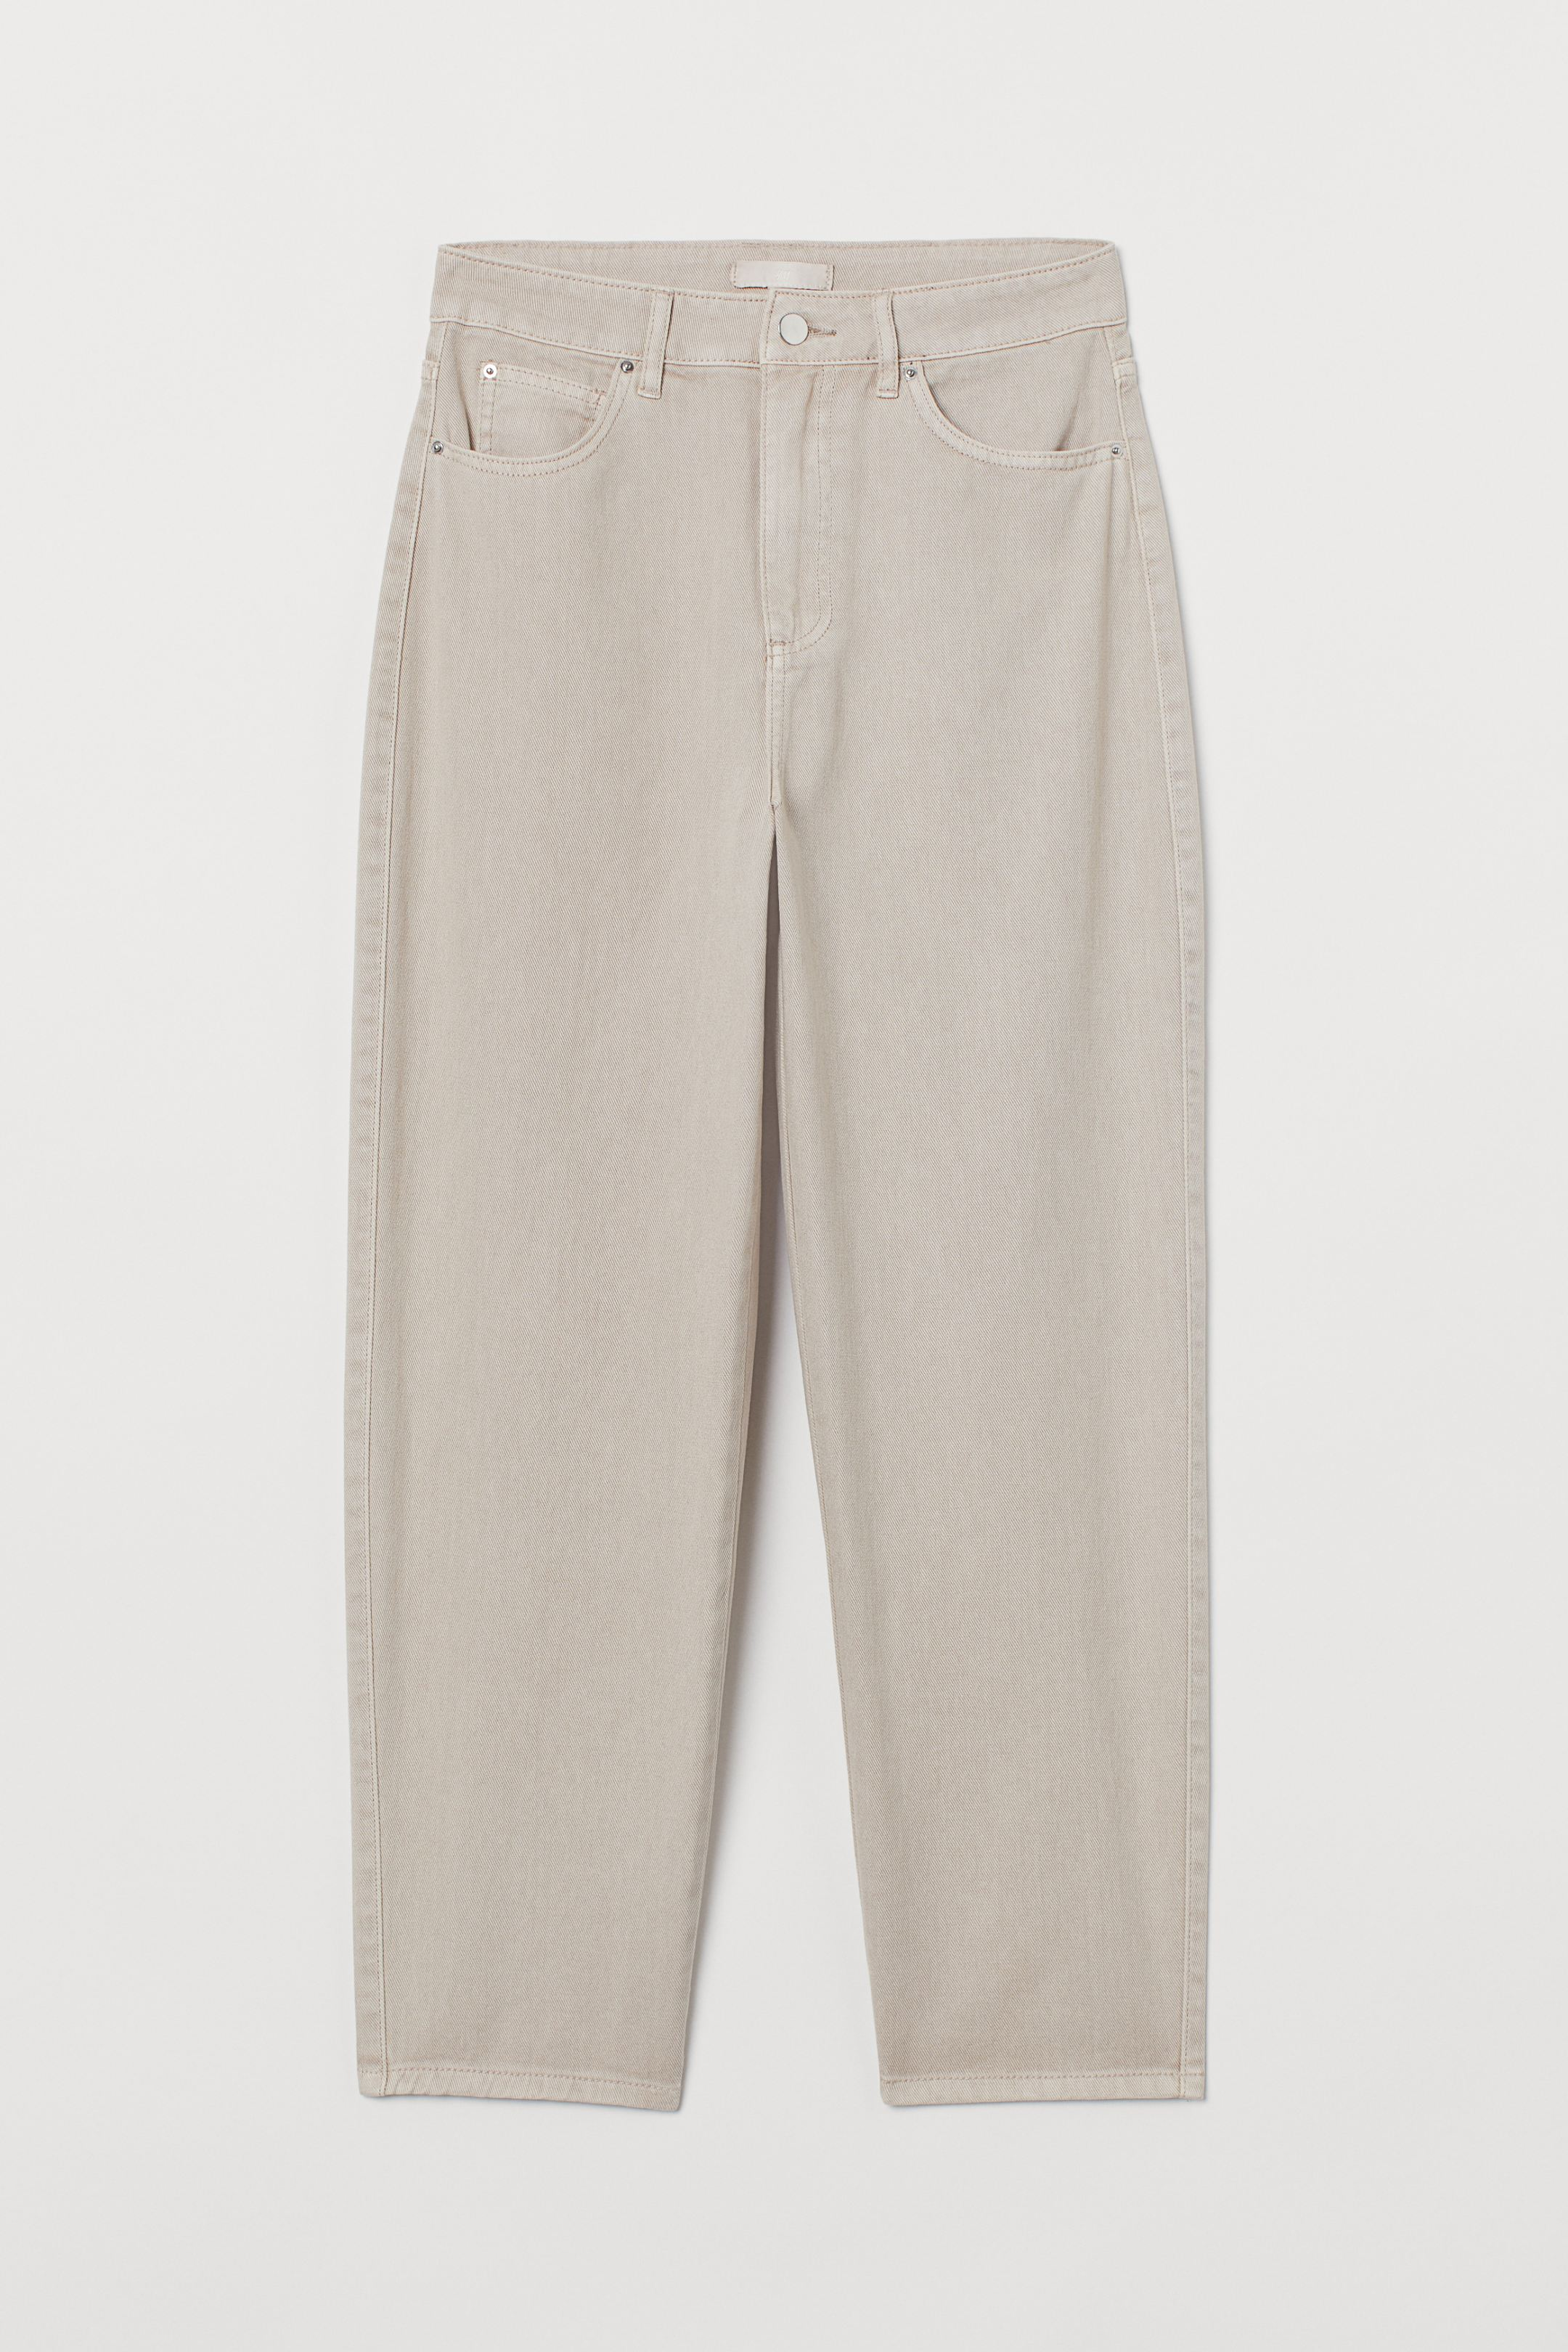 Pantalón tobillero de cinco bolsillos en sarga de algodón lavada. Modelo de talle alto con perneras amplias más ajustadas en la parte inferior y costuras decorativas en los bajos.